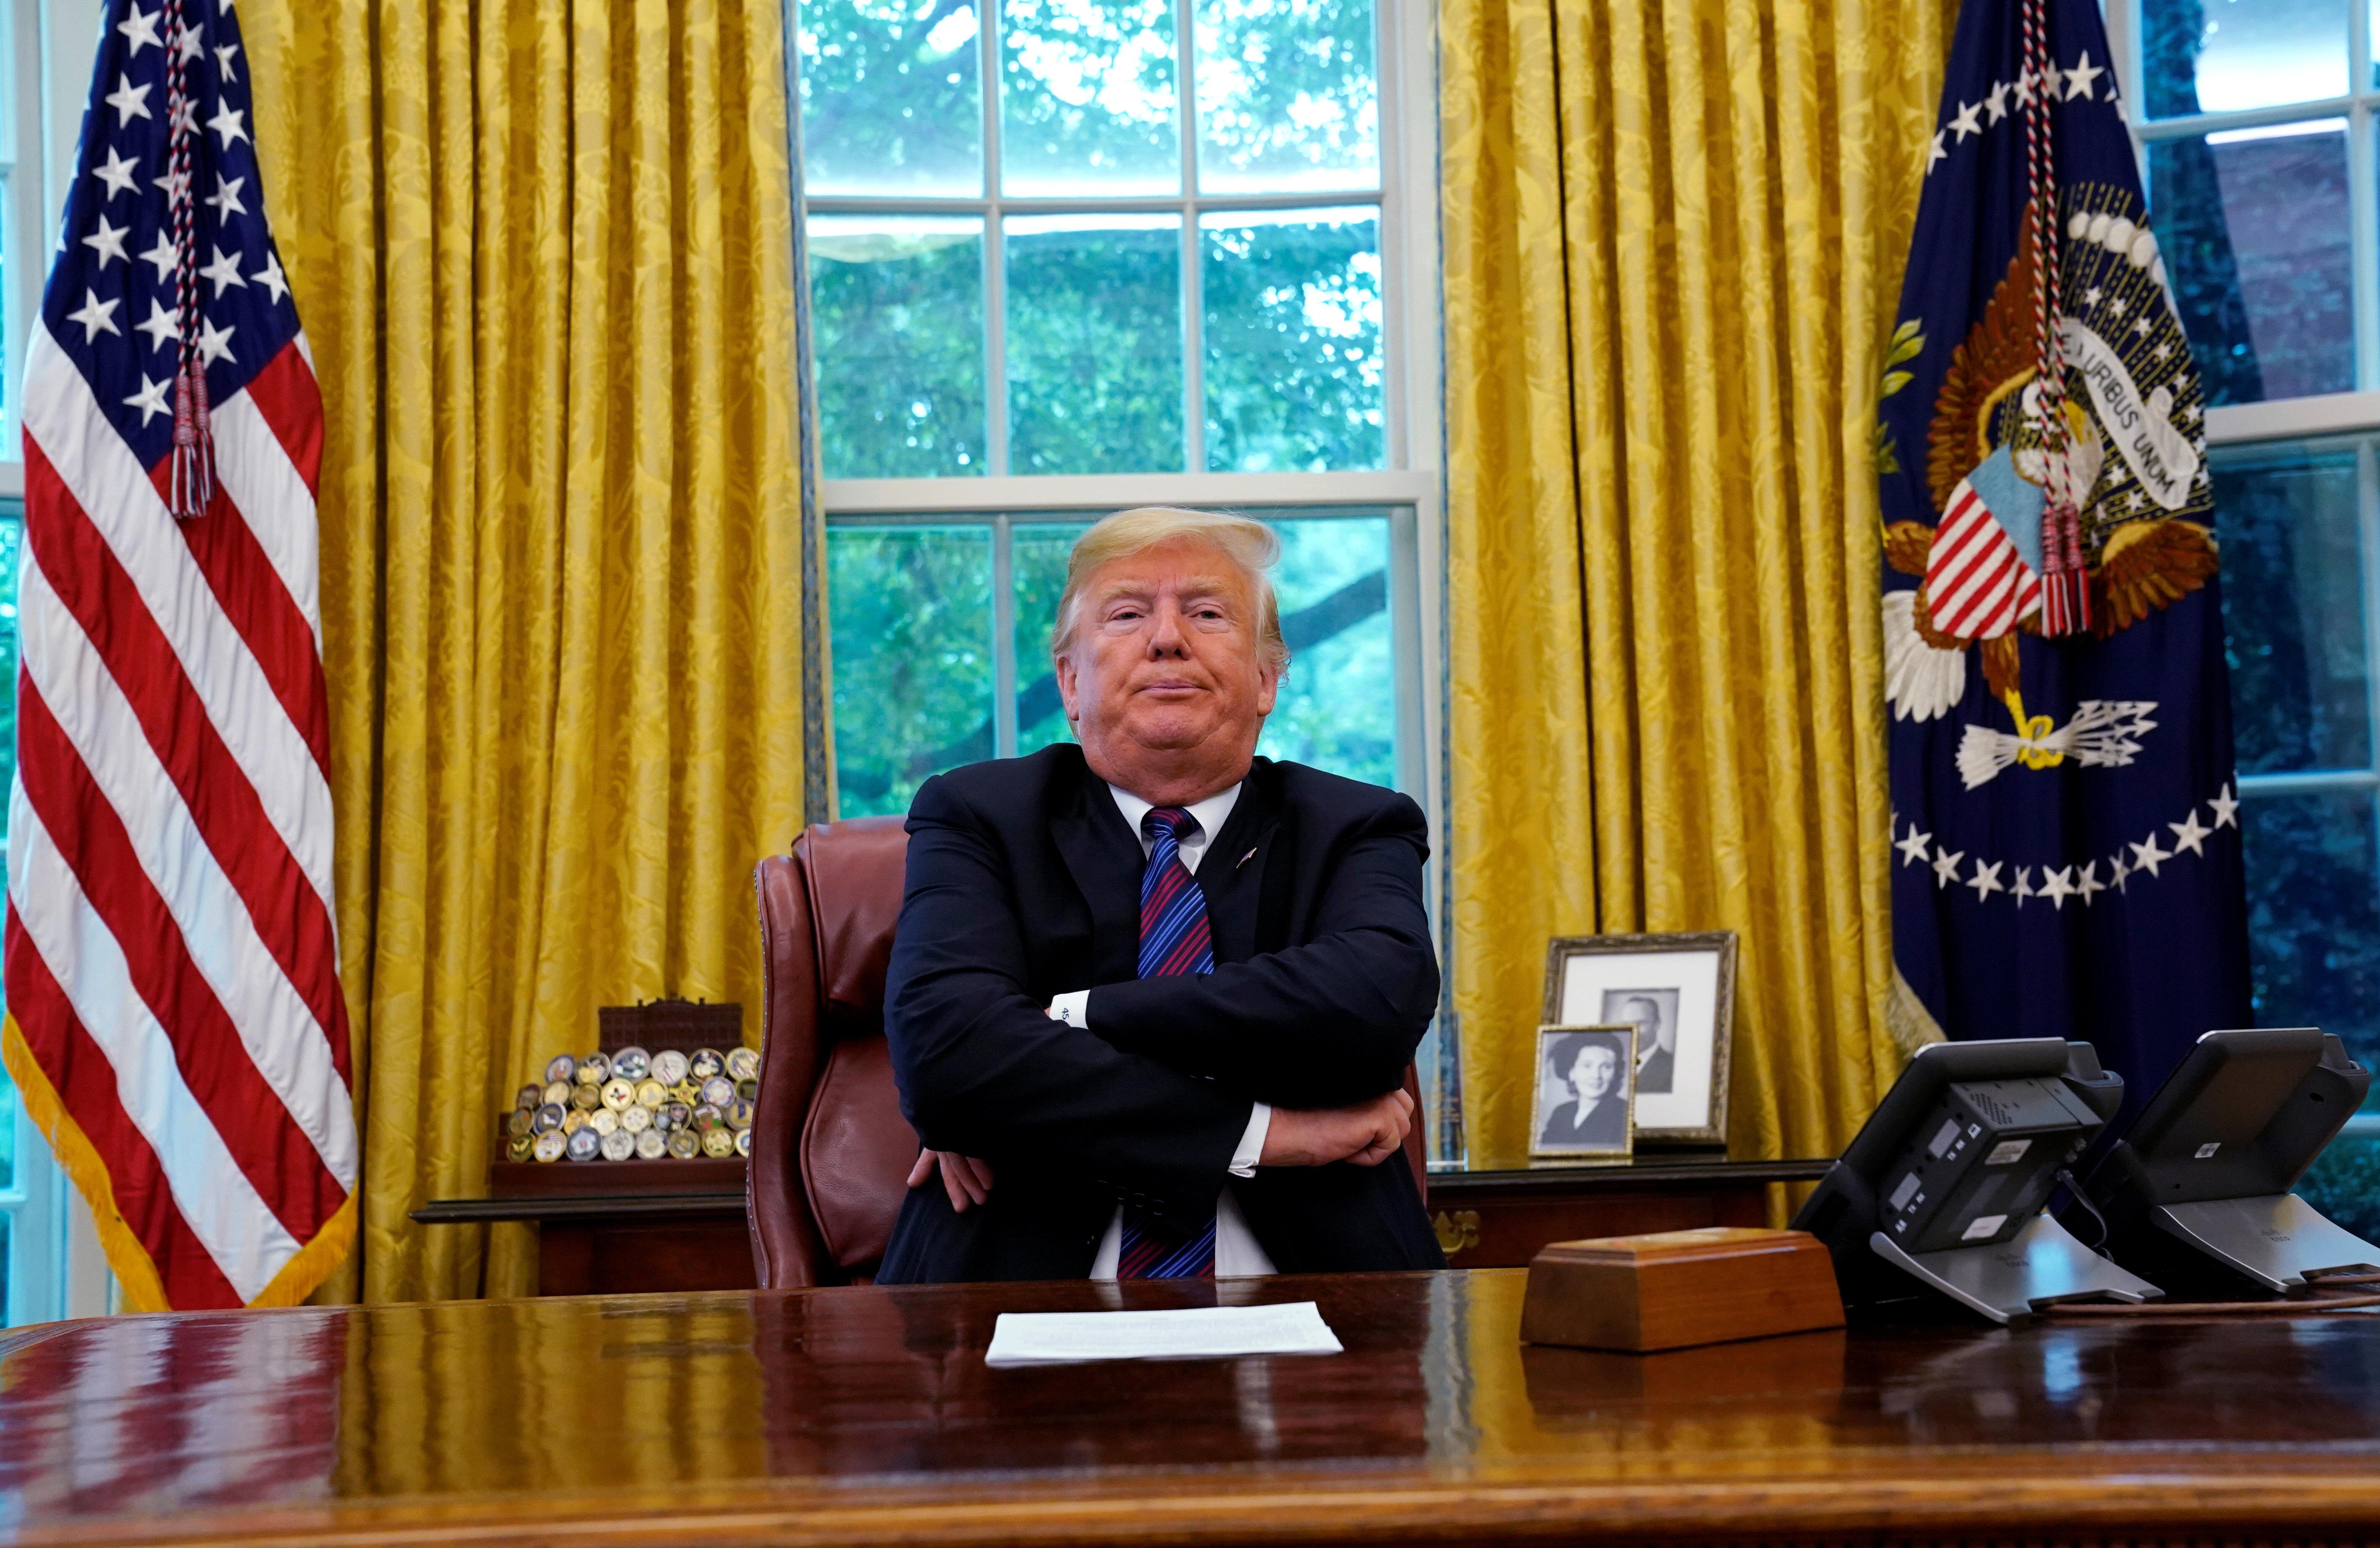 Μεξικό και ΗΠΑ κατέληξαν σε συμφωνία για το εμπόριο που θα αντικαταστήσει τη